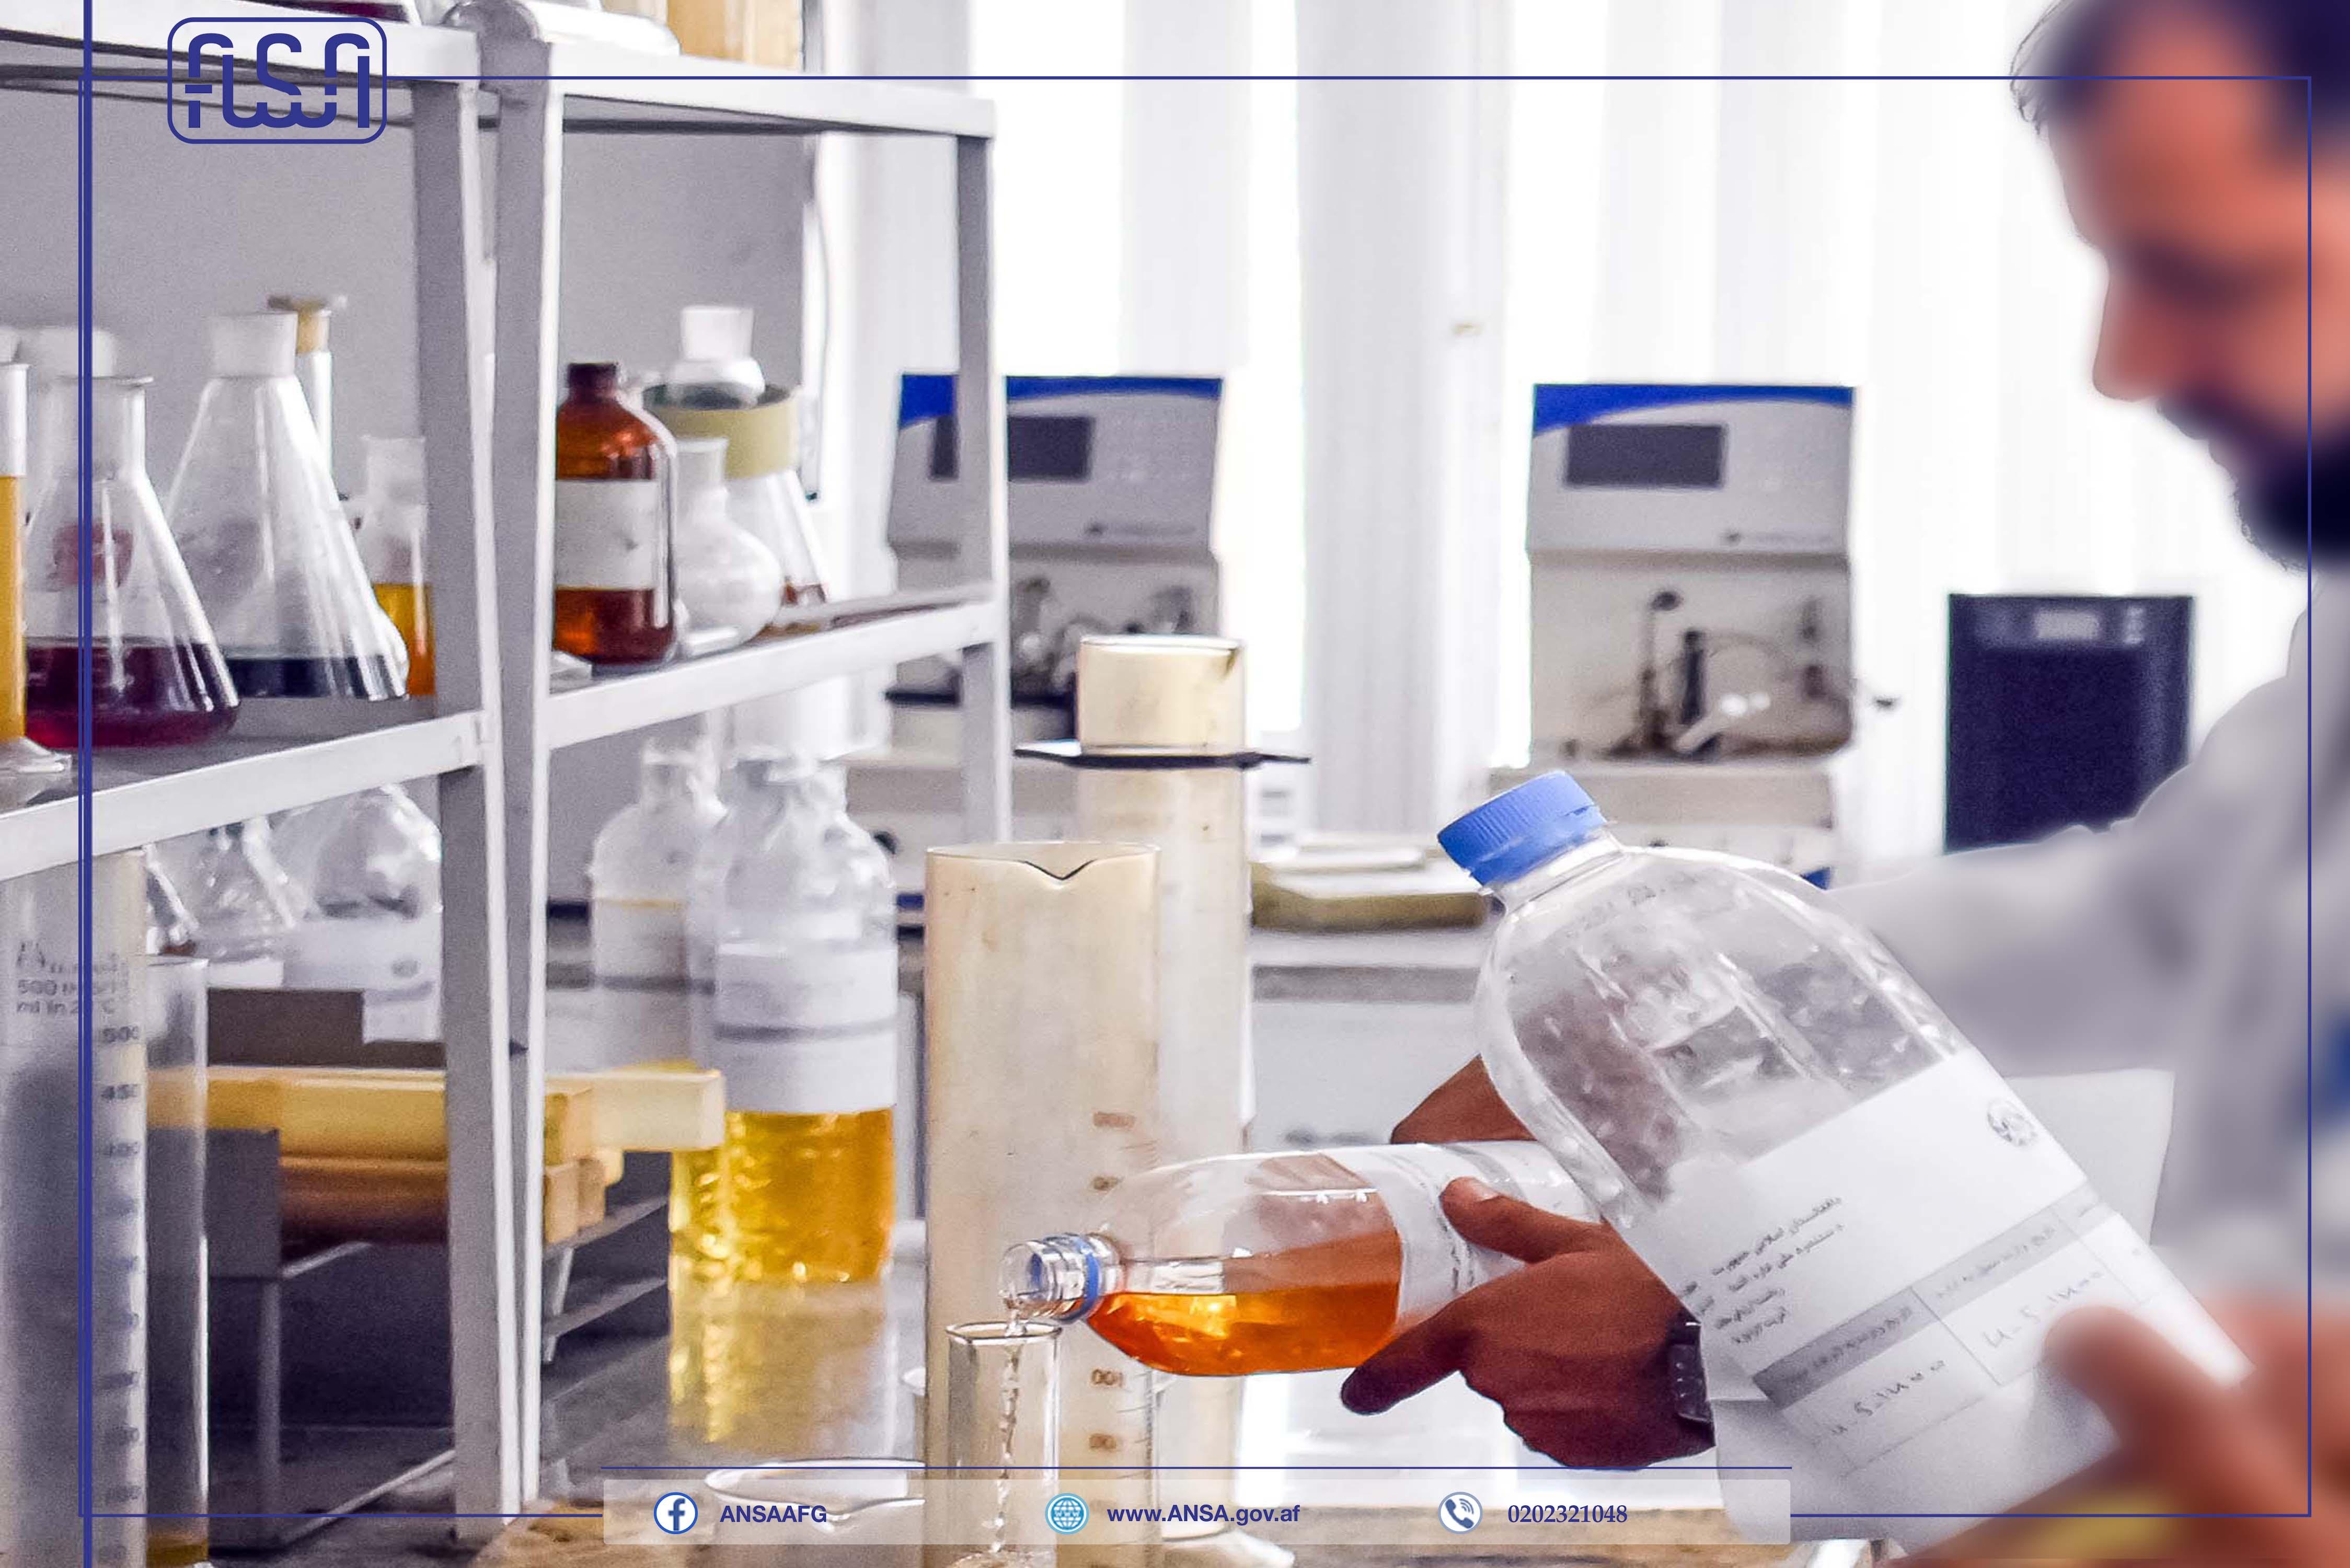 انسا به منظور تأمین شفافیت و جلوگیری از فساد در اداره ملی ستندرد پروسه تست کیفیت مواد نفتی را با سیستم کود گذاری آغاز کرد.